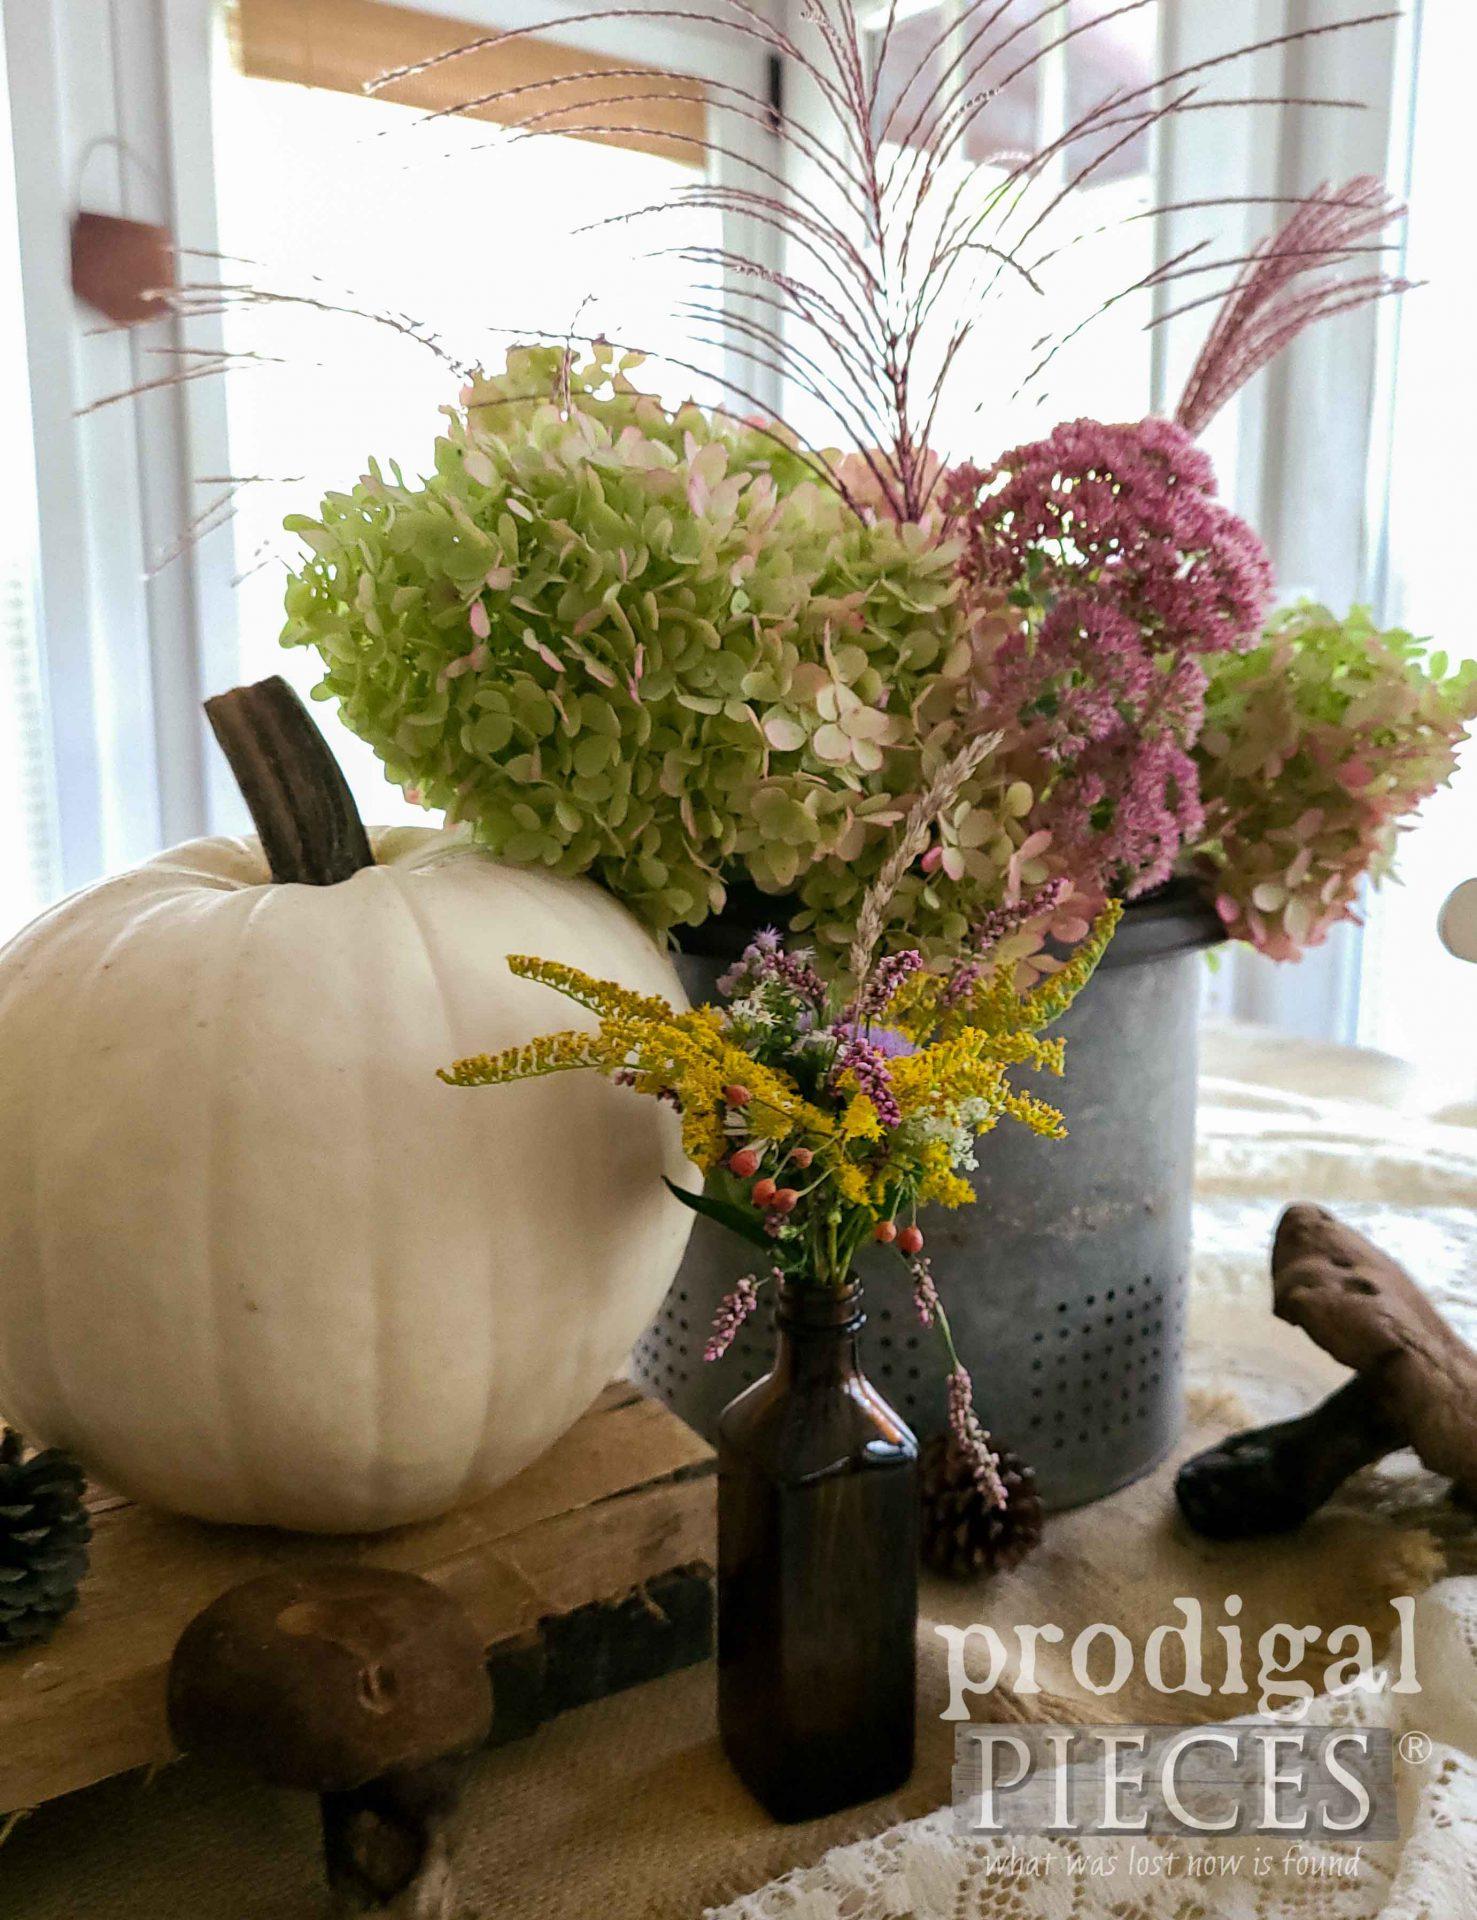 Autumn Flower Vignette for Farmhouse Decor by Larissa of Prodigal Pieces | prodigalpieces.com #prodigalpieces #fall #autumn #home #farmhouse